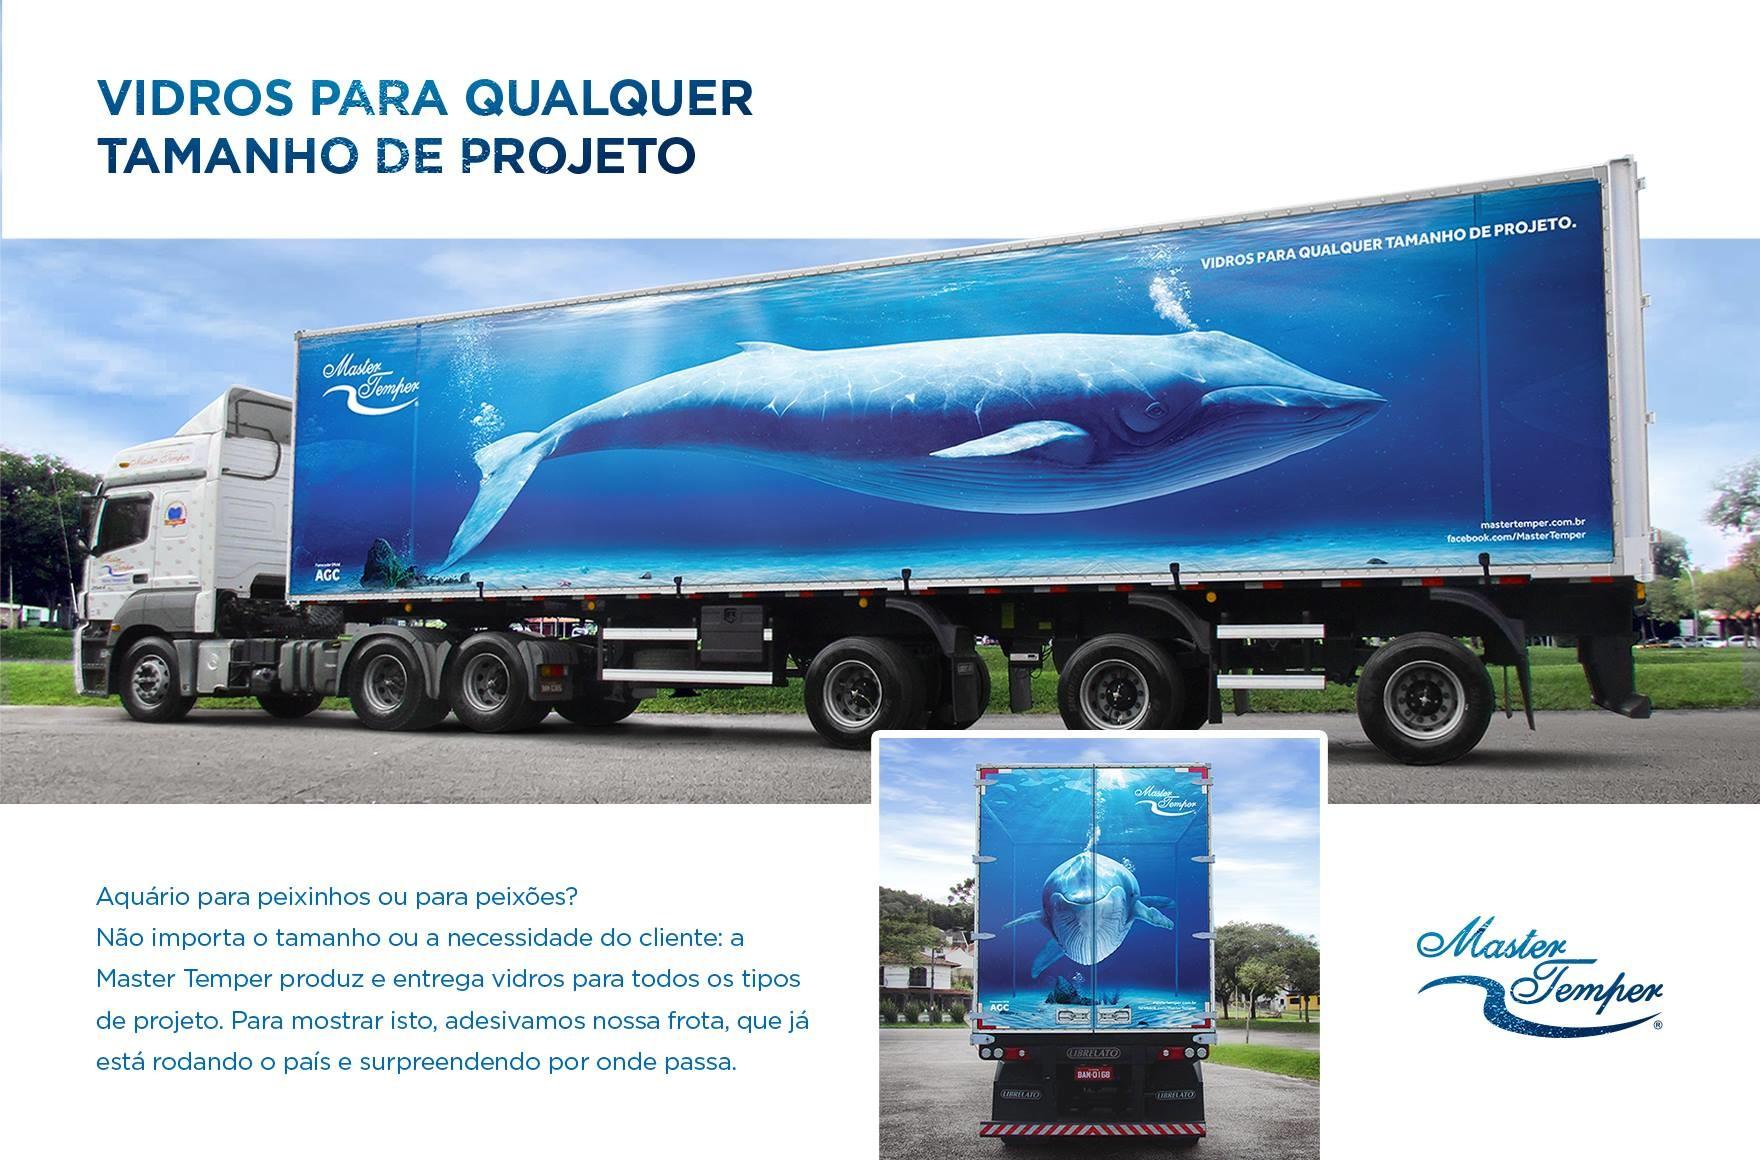 Luis ramos baleia 2